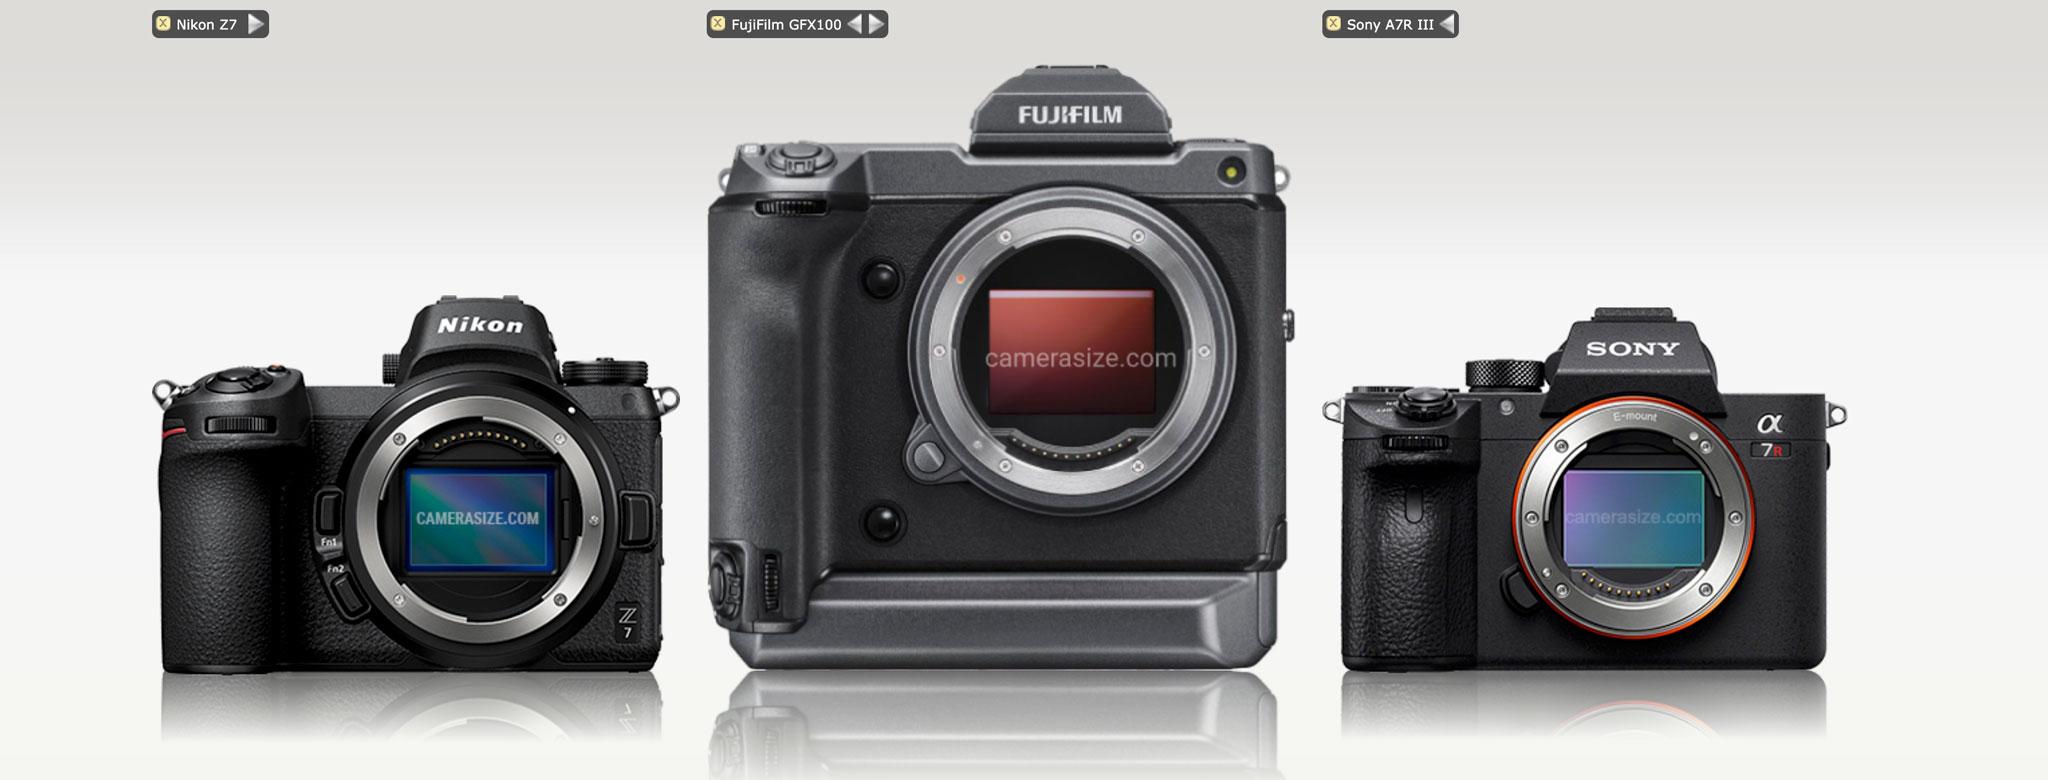 Z7-GFX100-A7R3-truoc.jpg